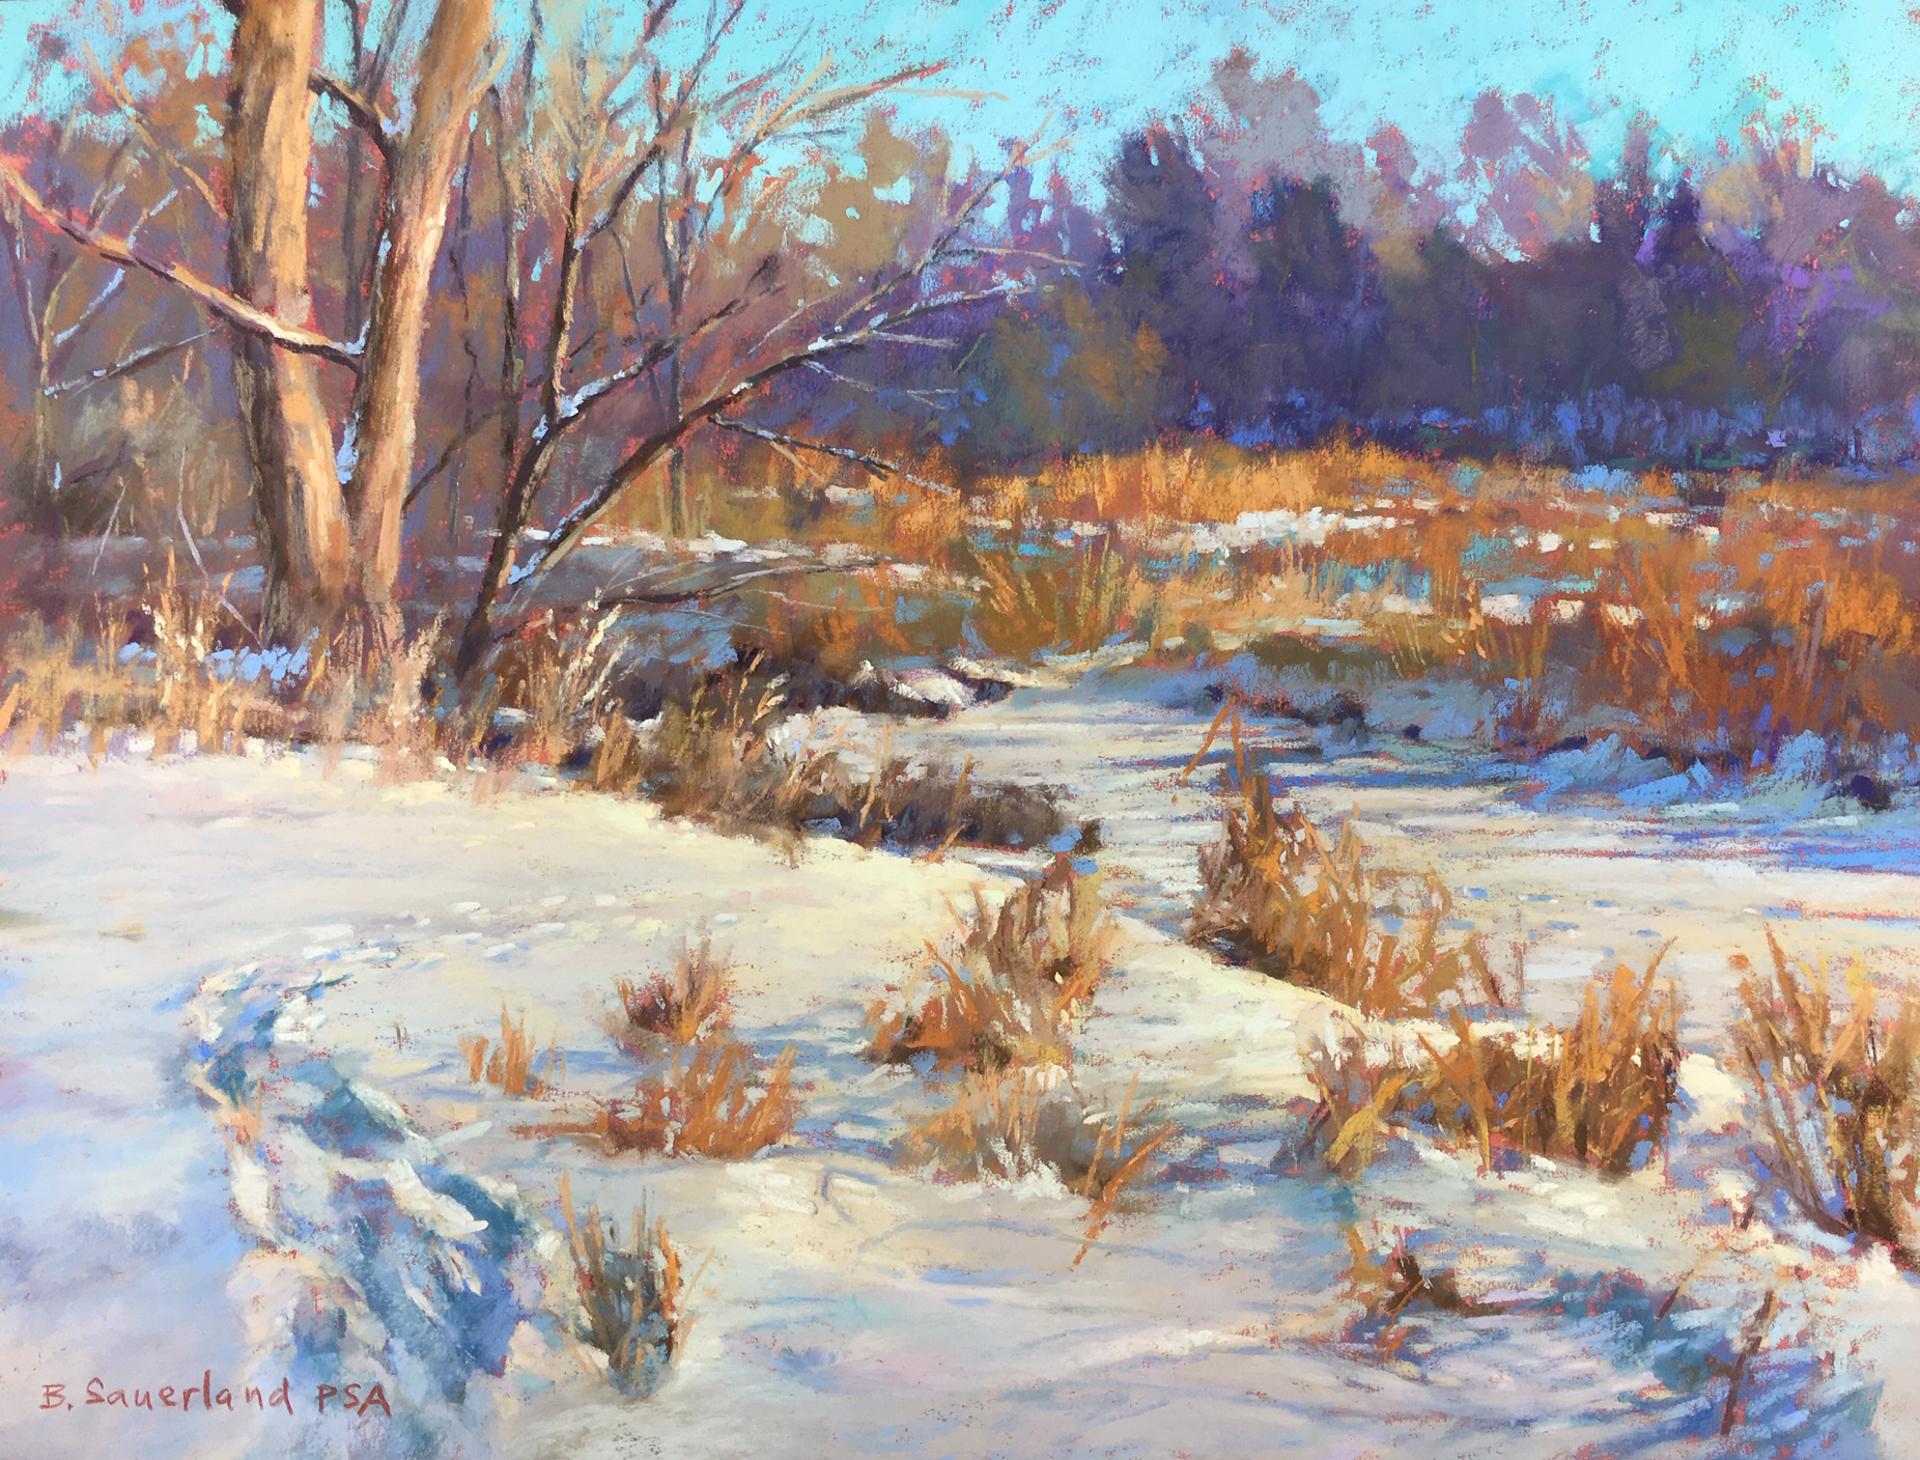 Buffalo Creek by Brian Sauerland